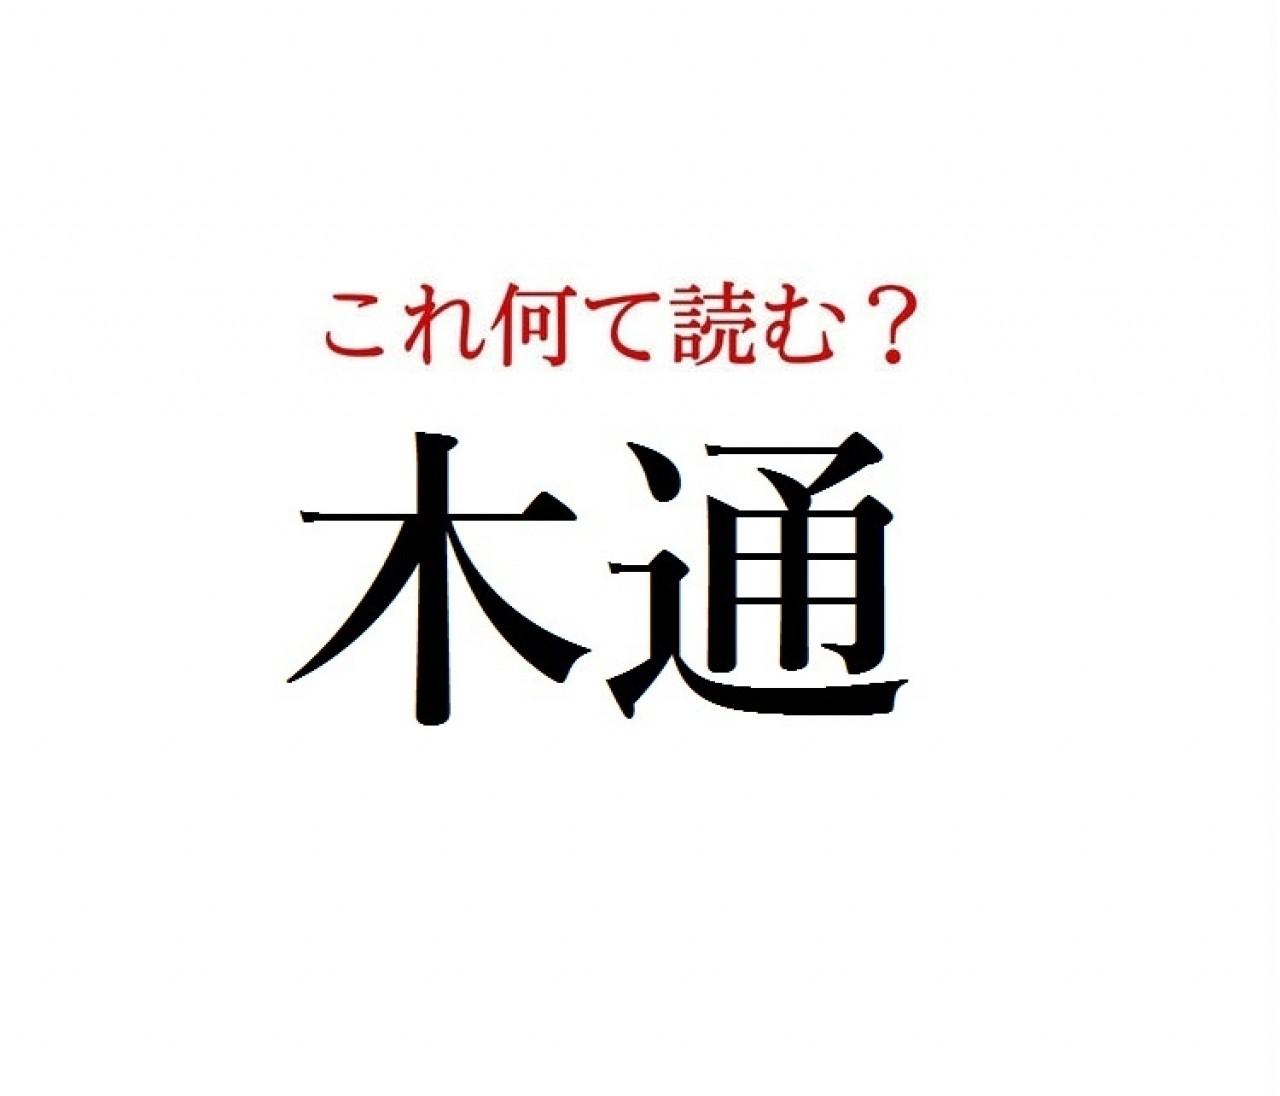 「木通」:この漢字、自信を持って読めますか?【働く大人の漢字クイズvol.295】